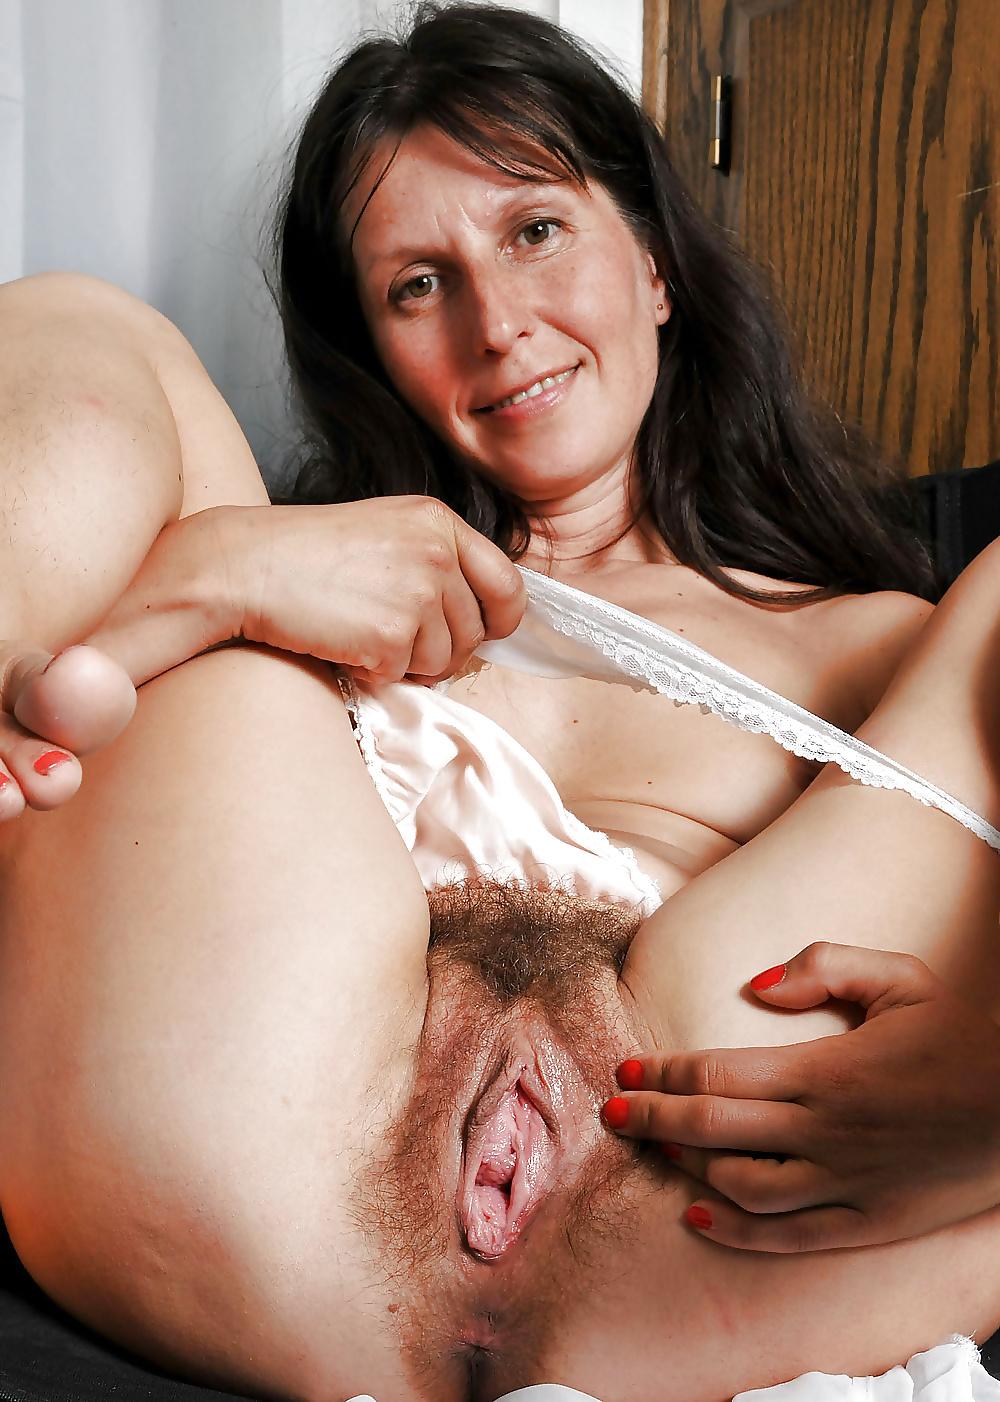 Hairy mom pusy